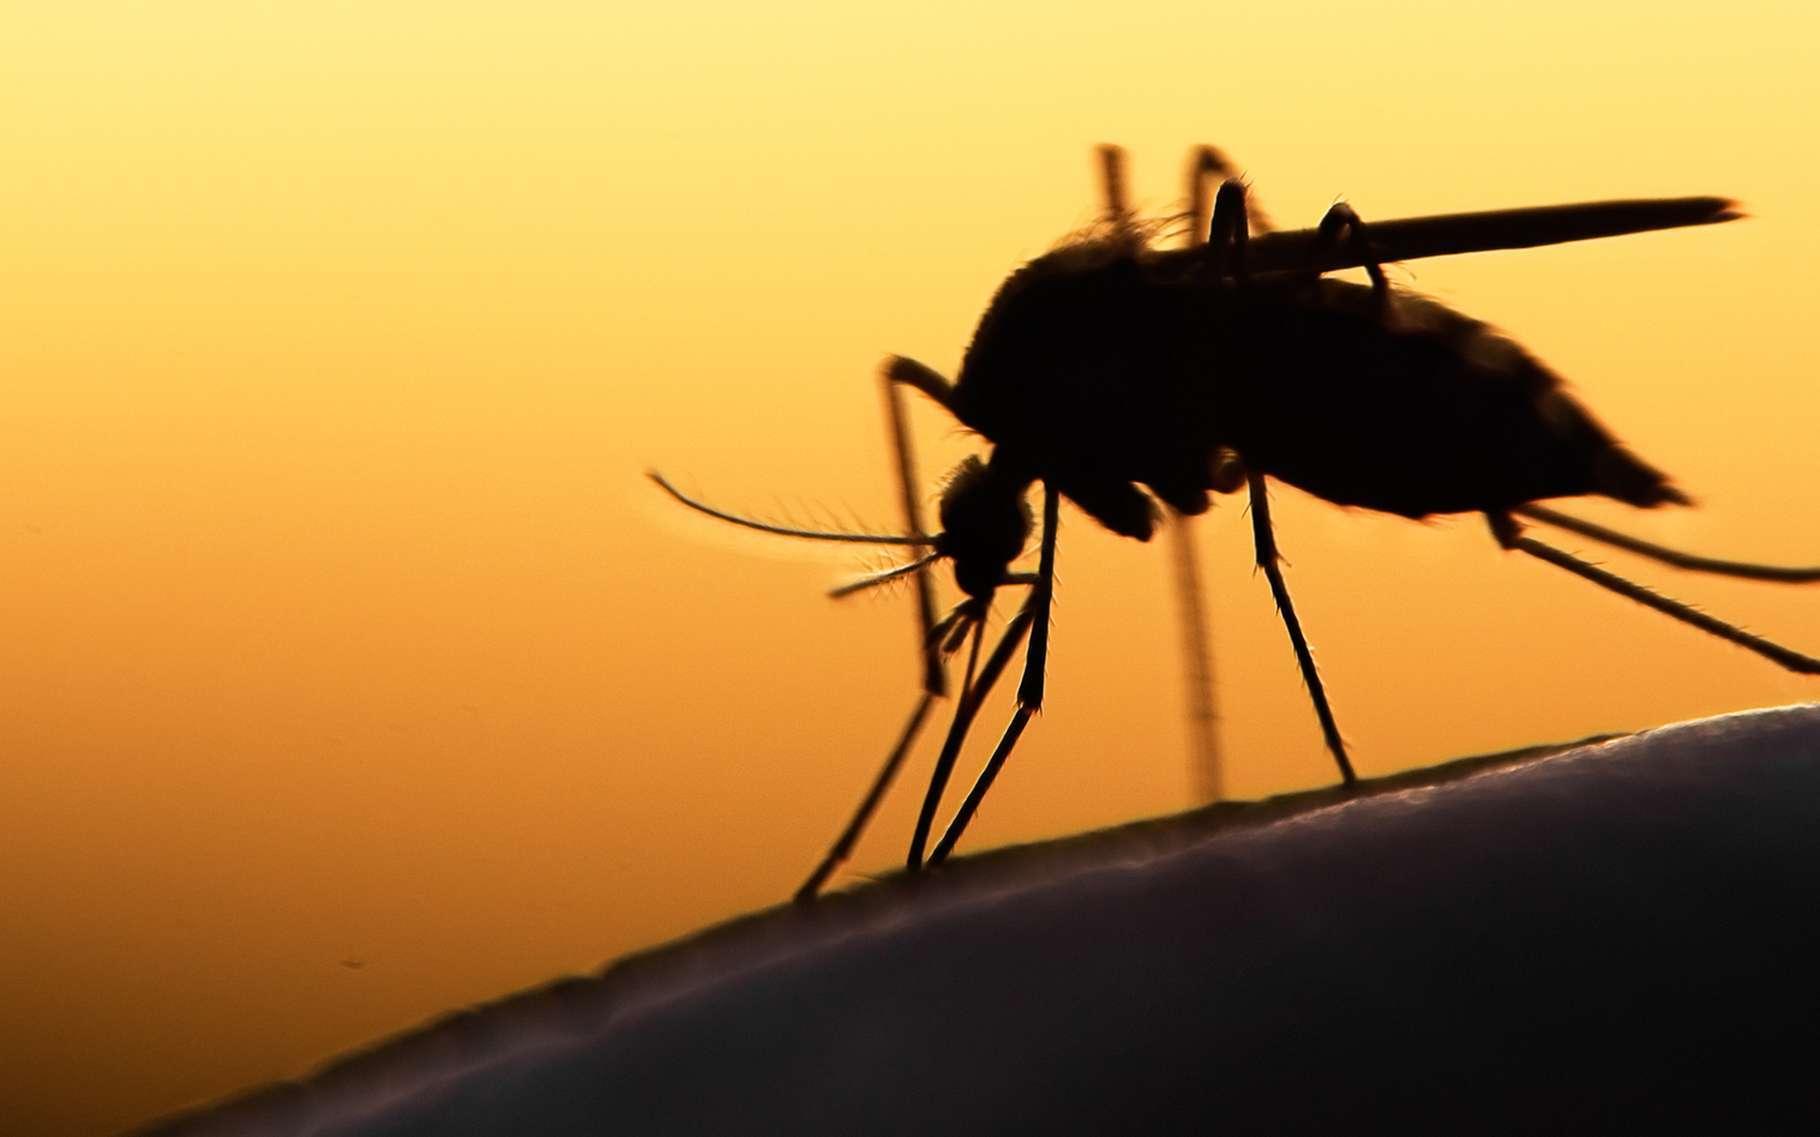 La plupart des espèces de moustiques sont nocturnes. © mycteria, Shutterstock